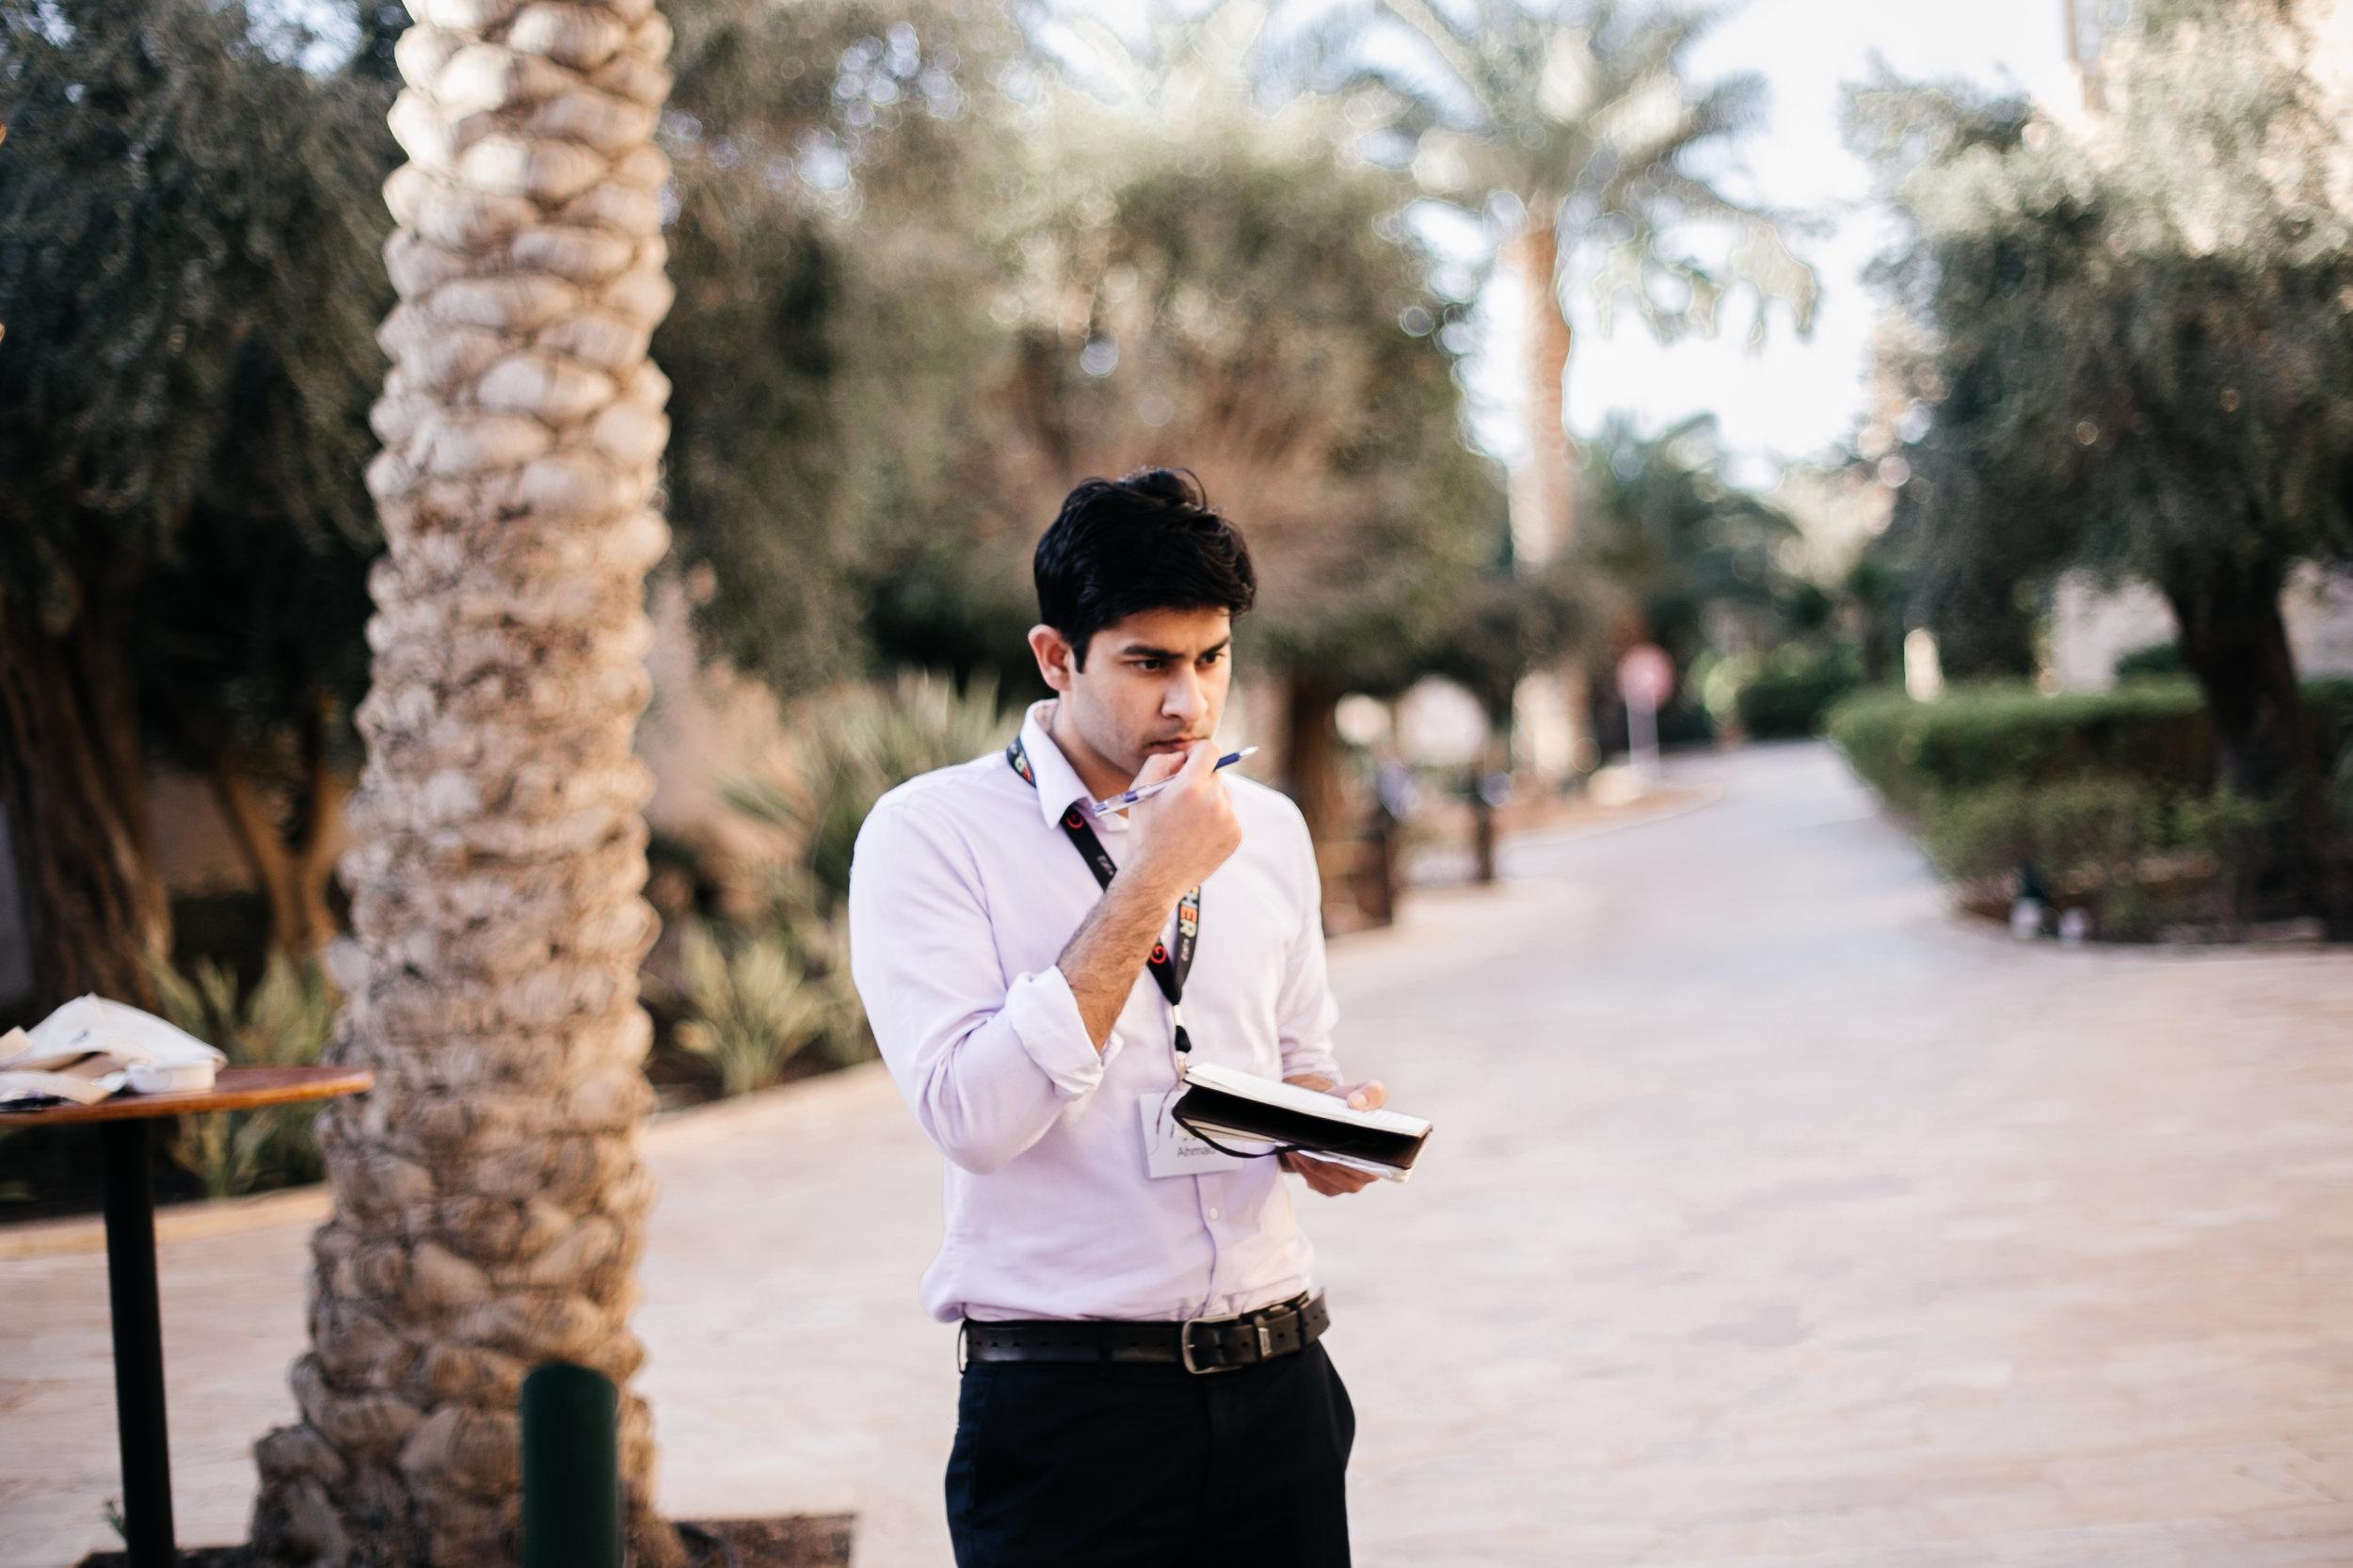 Ayyaz Ahmed, photo by Maggie Svoboda